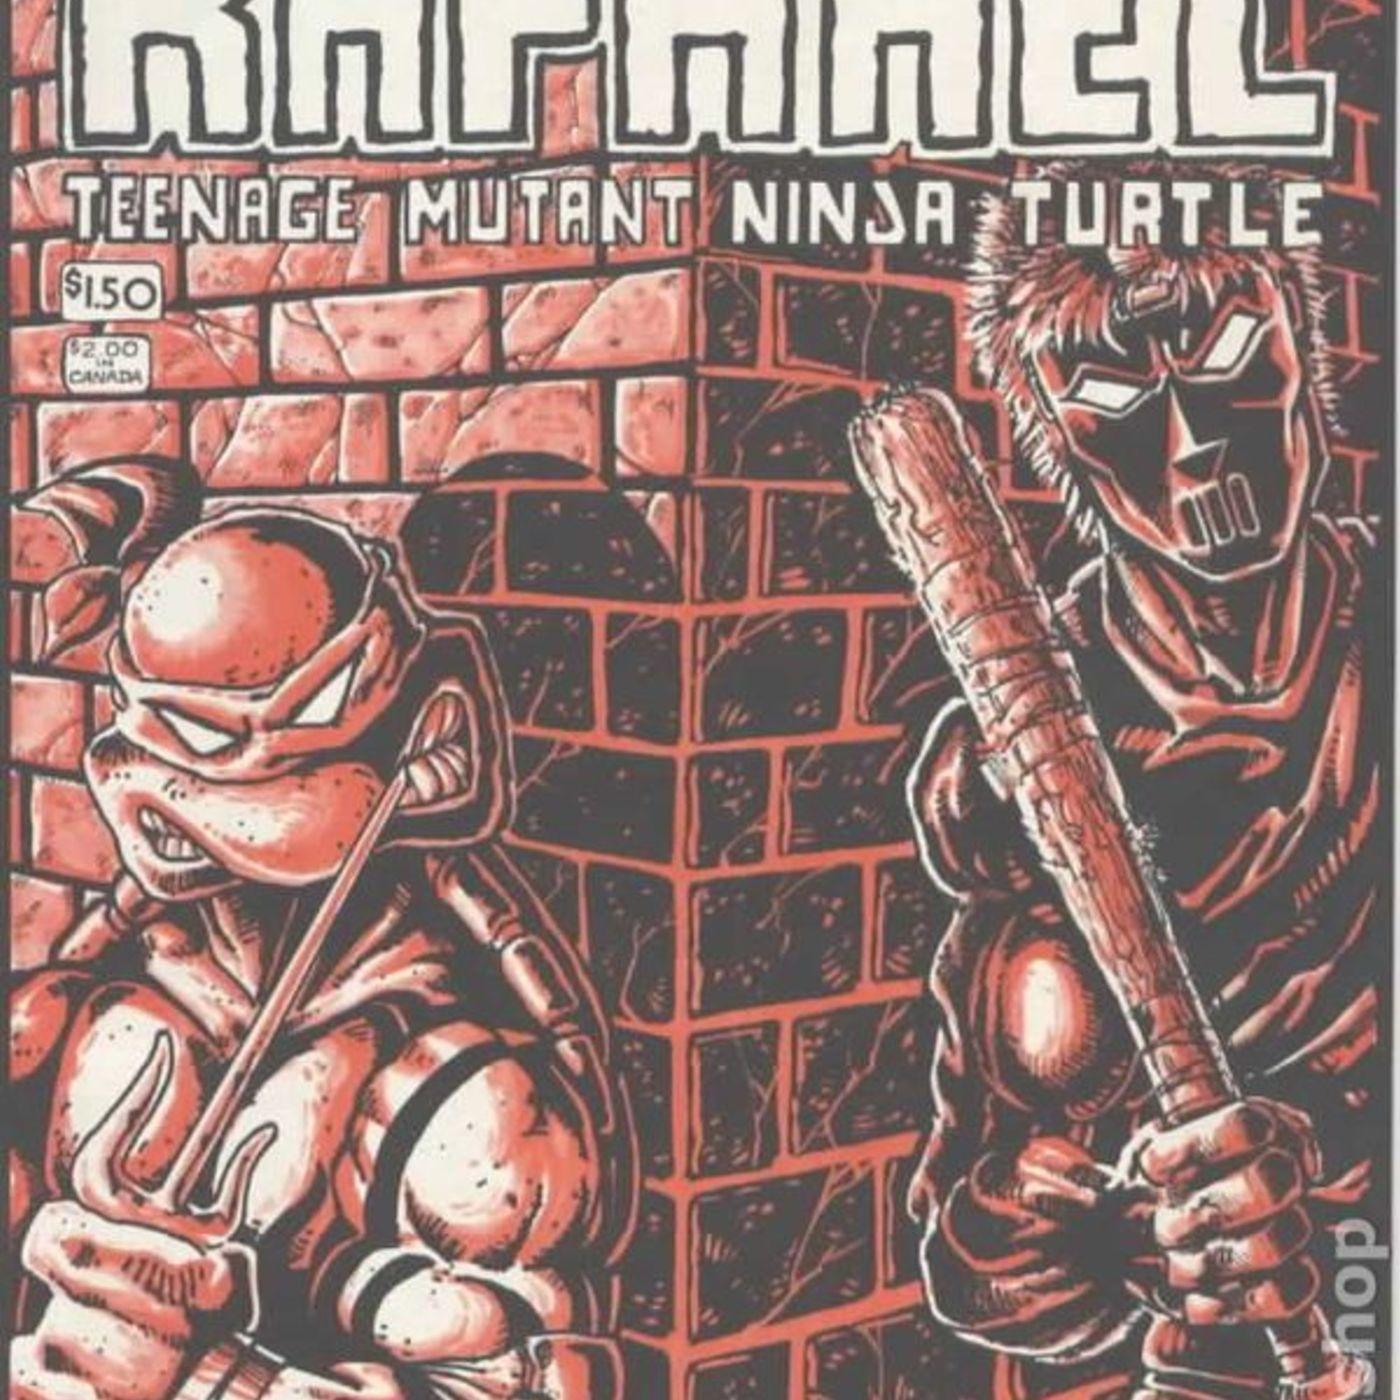 Comic Book Rundown 419: Raphael - Teenage Mutant Ninja Turtles Micro Series #1